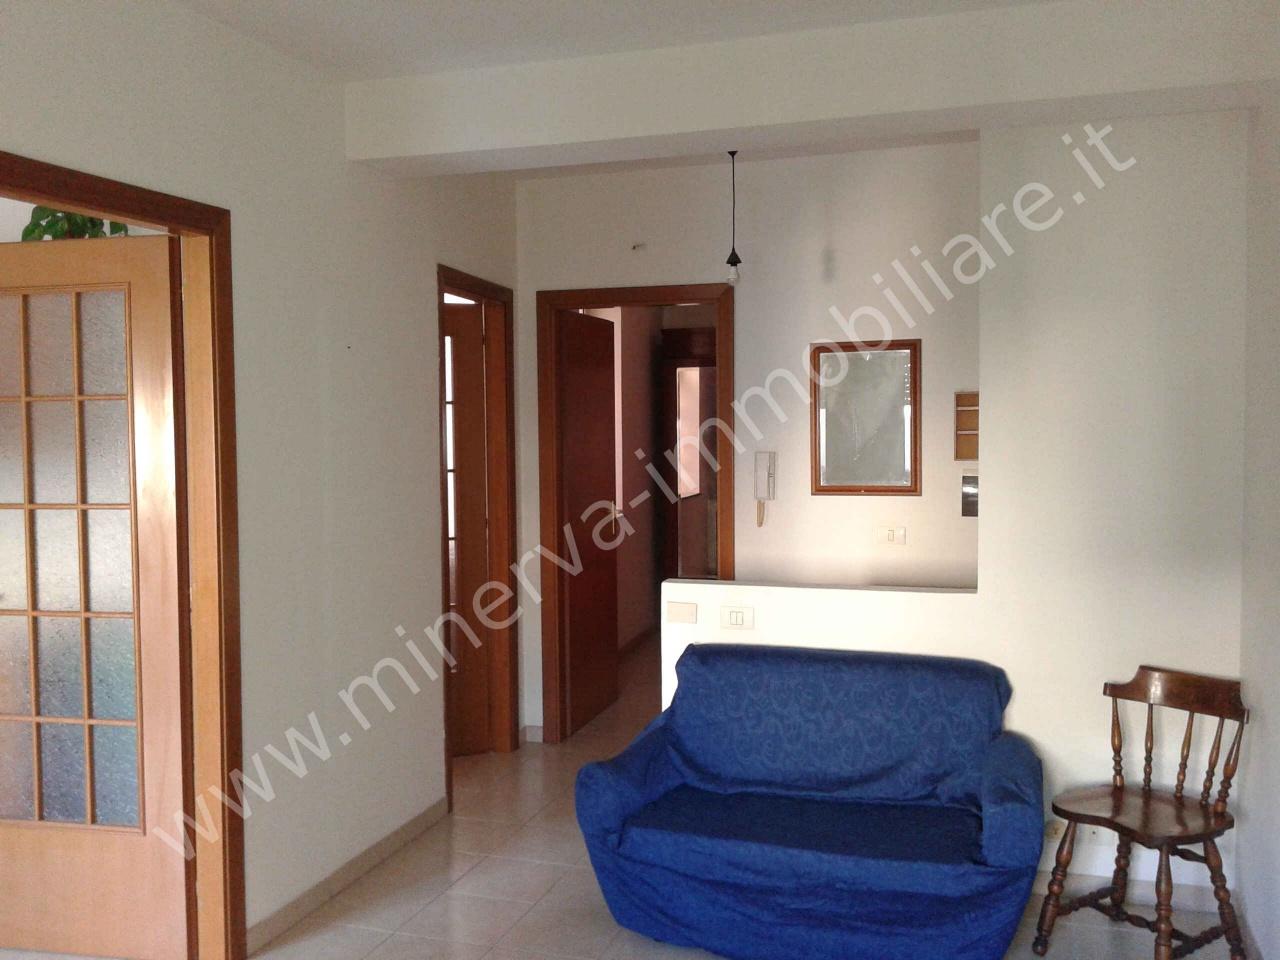 Appartamento in affitto a Carlentini, 2 locali, prezzo € 250 | PortaleAgenzieImmobiliari.it